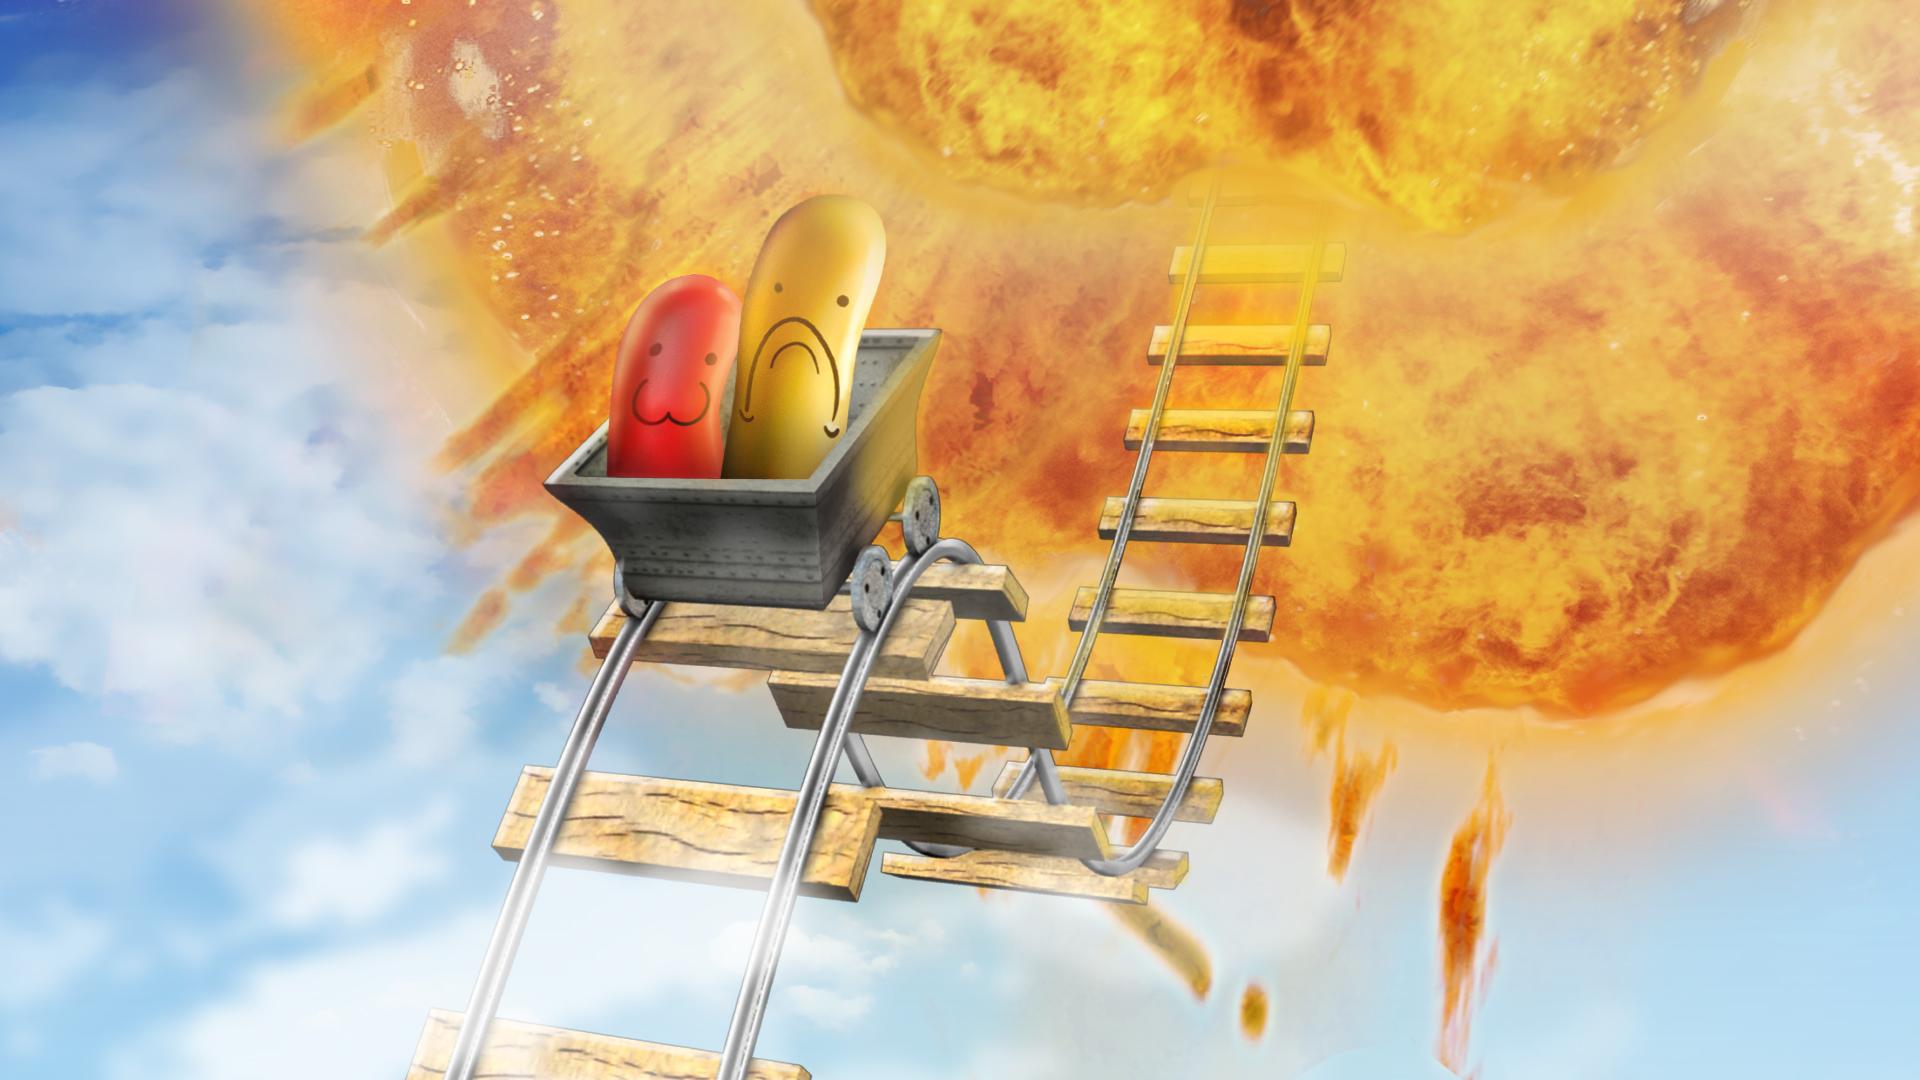 Rollercoaster Uligos by TigerboyPT